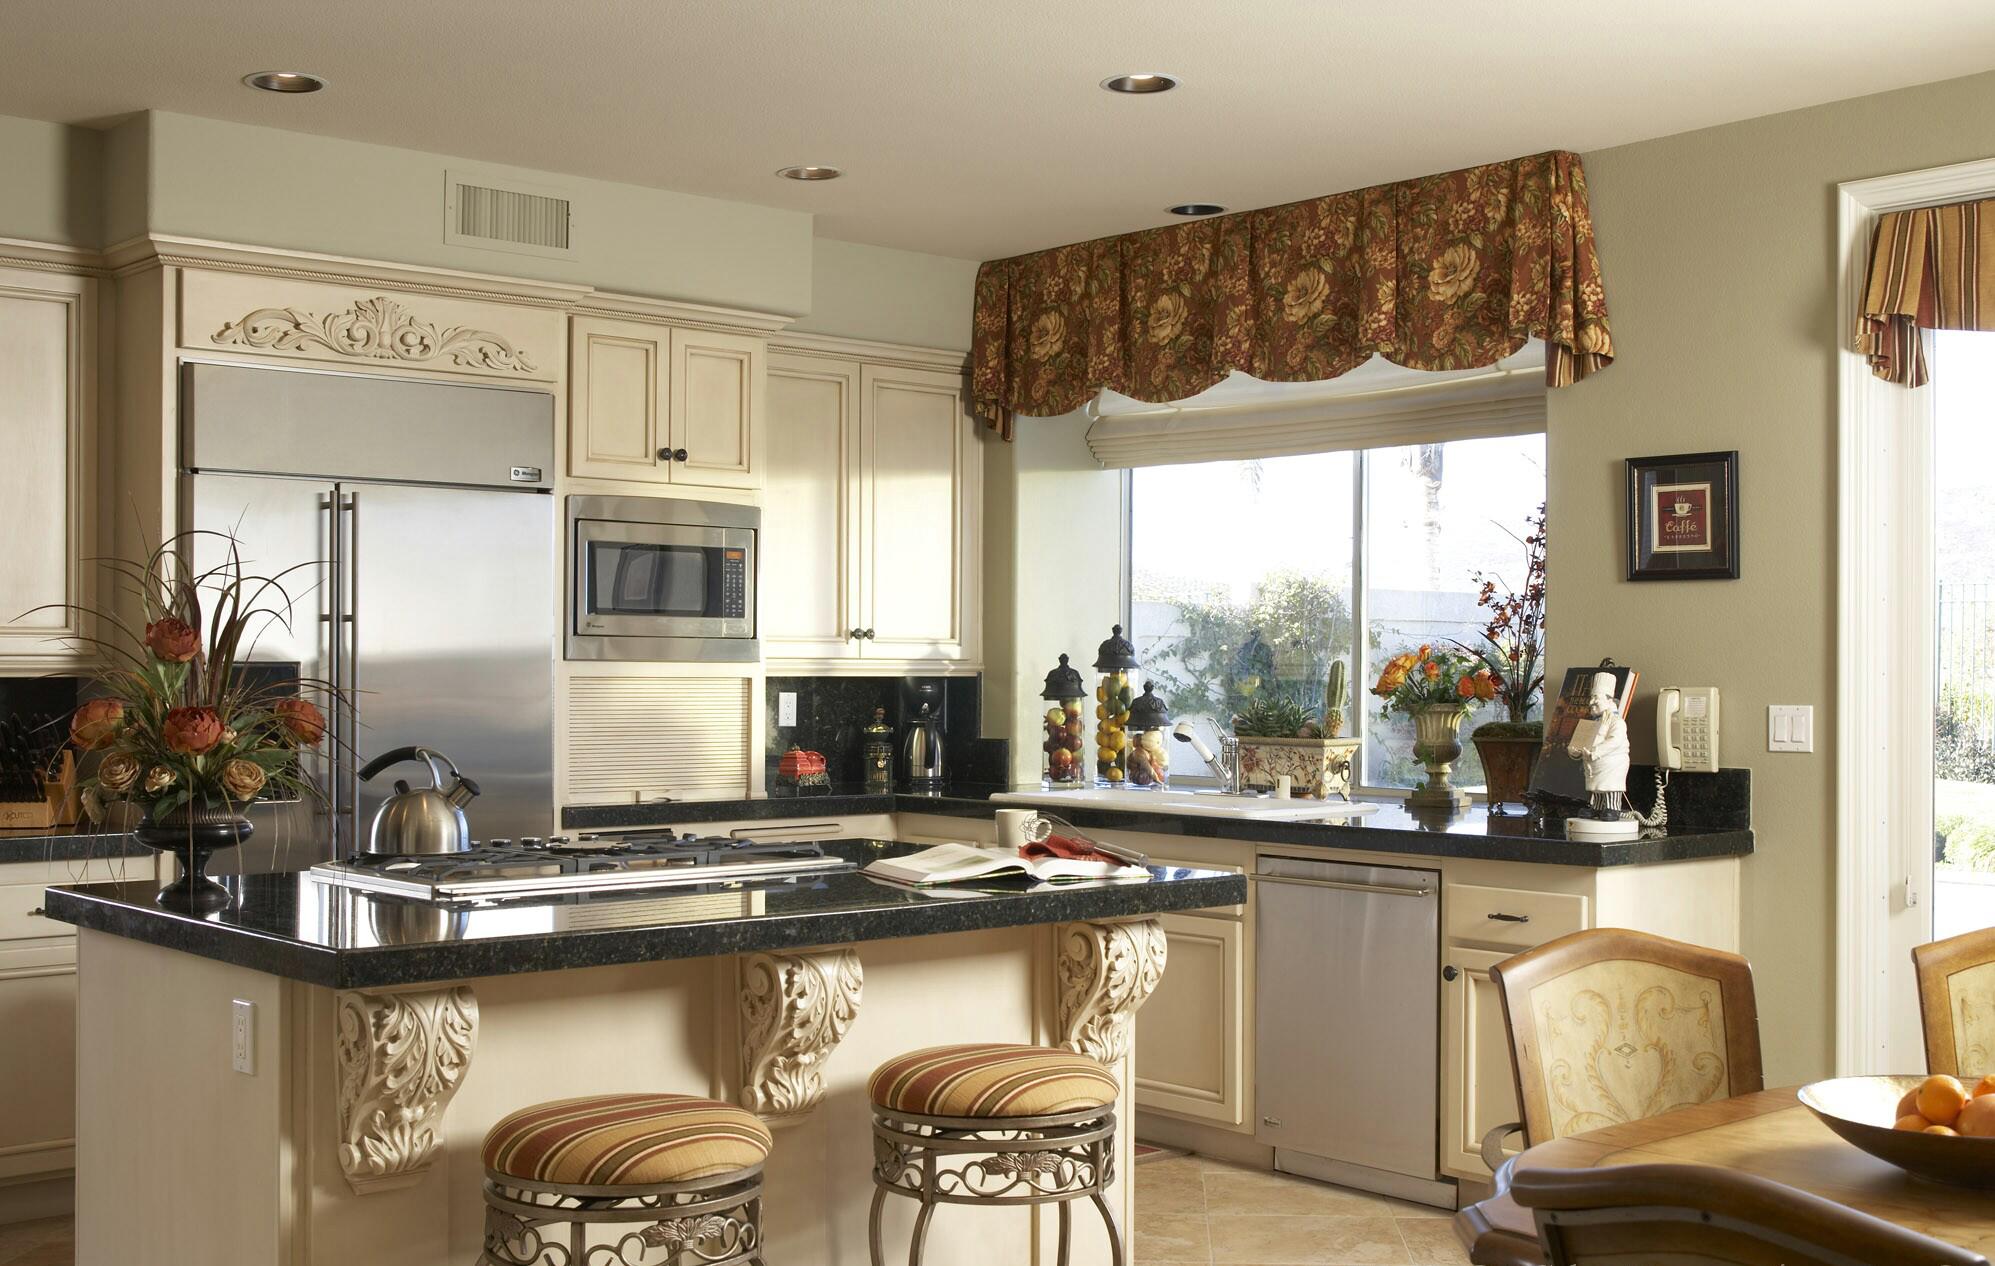 Шторы дизайнерские решения для кухни